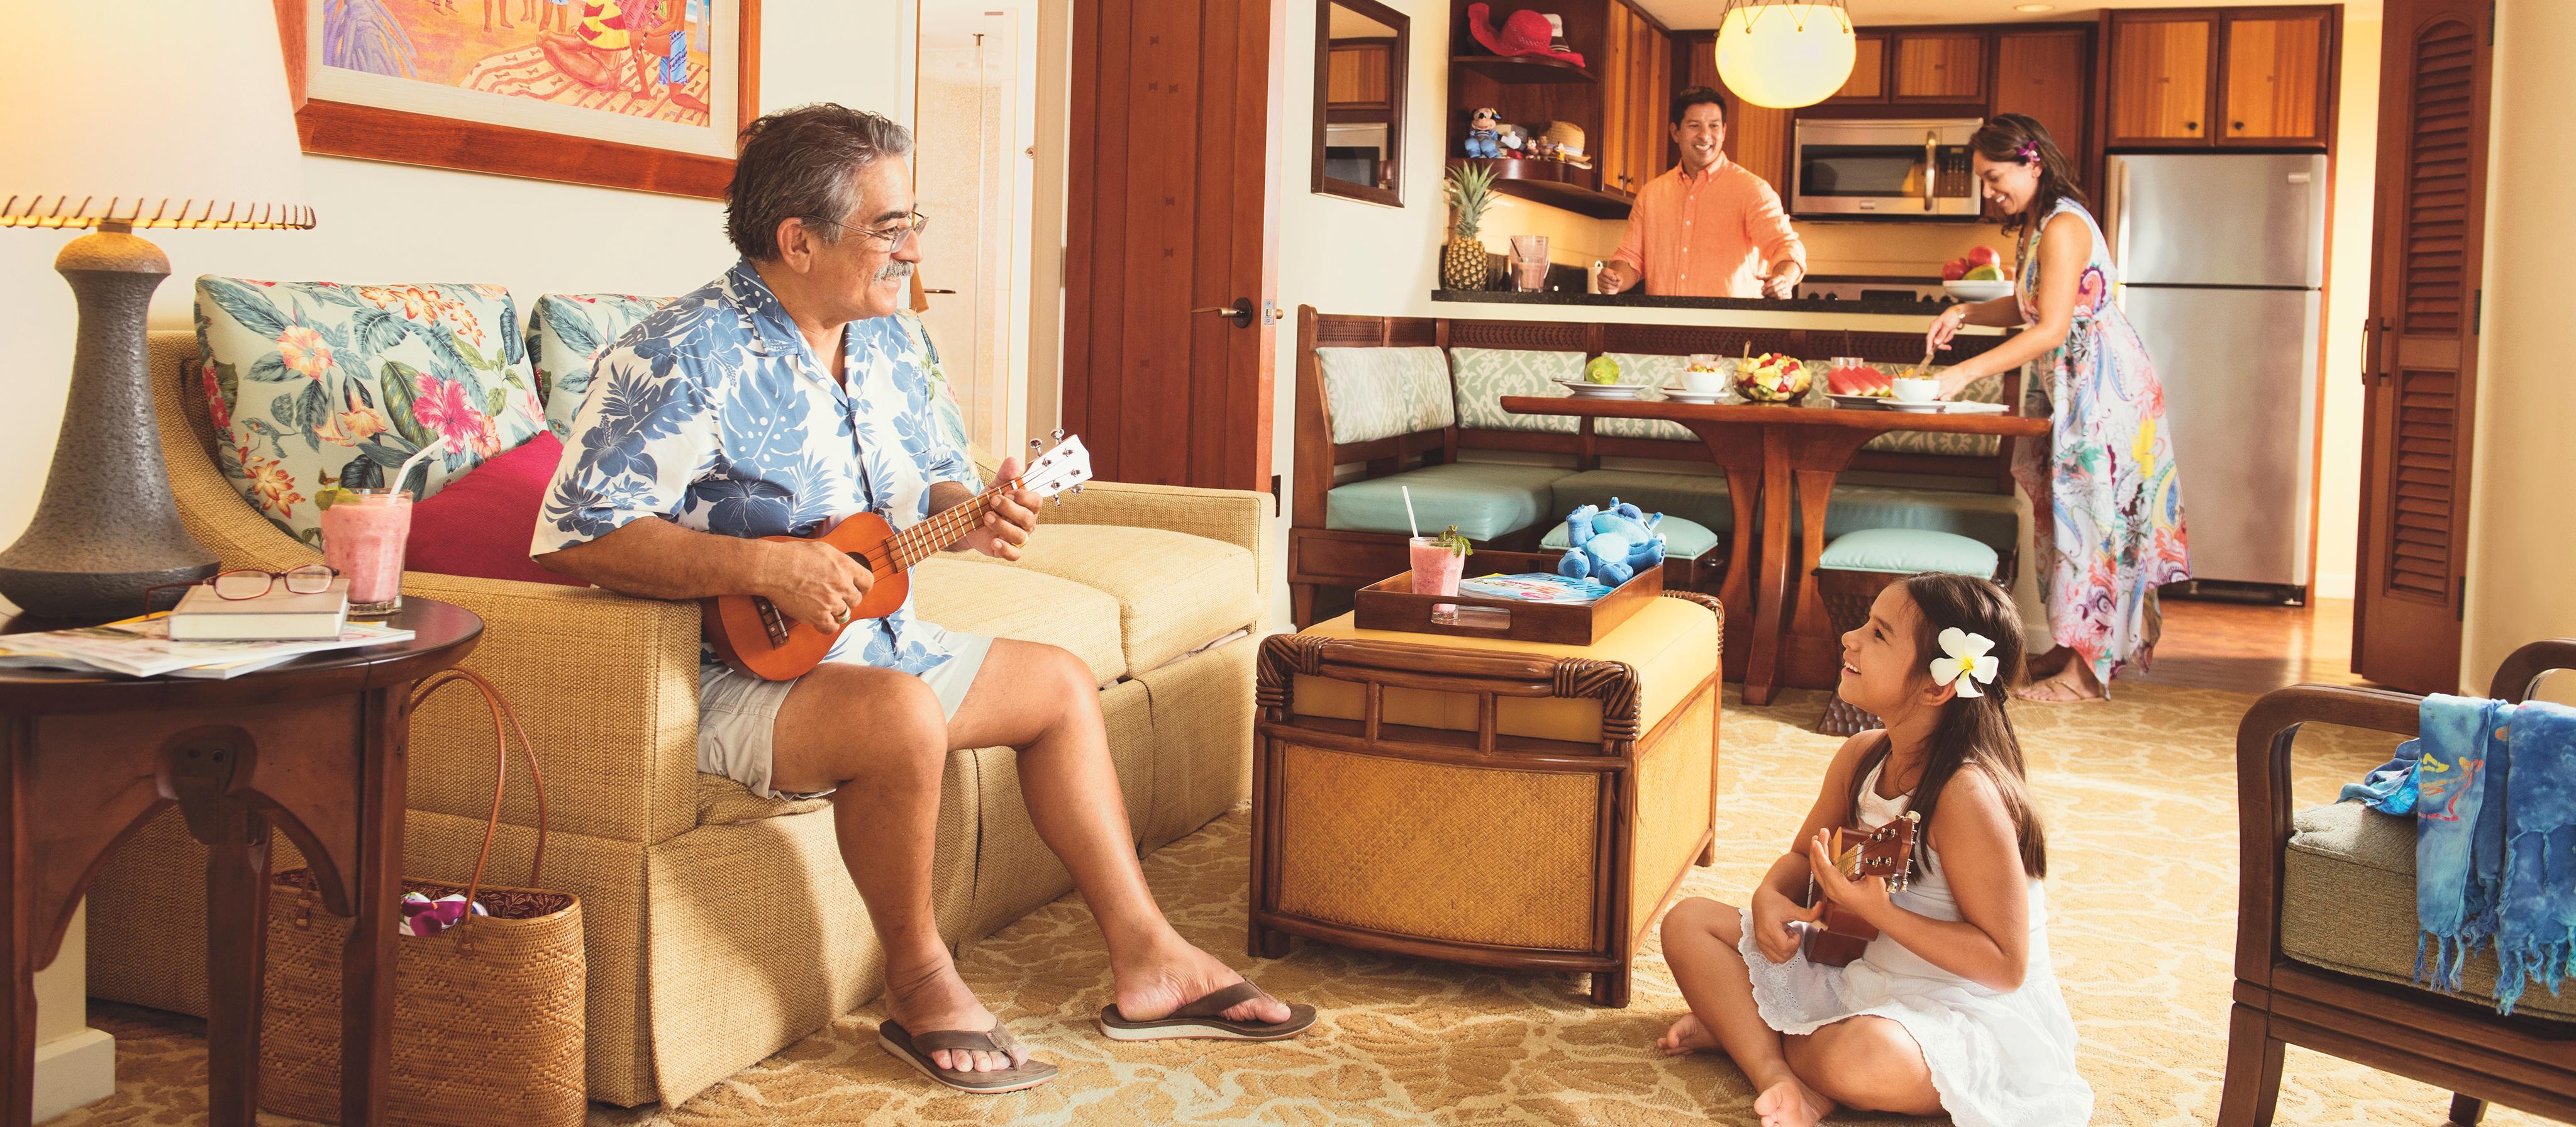 ウクレレを弾くおじいちゃんと孫、そしてキッチンとダイニングエリアで食事を用意する両親